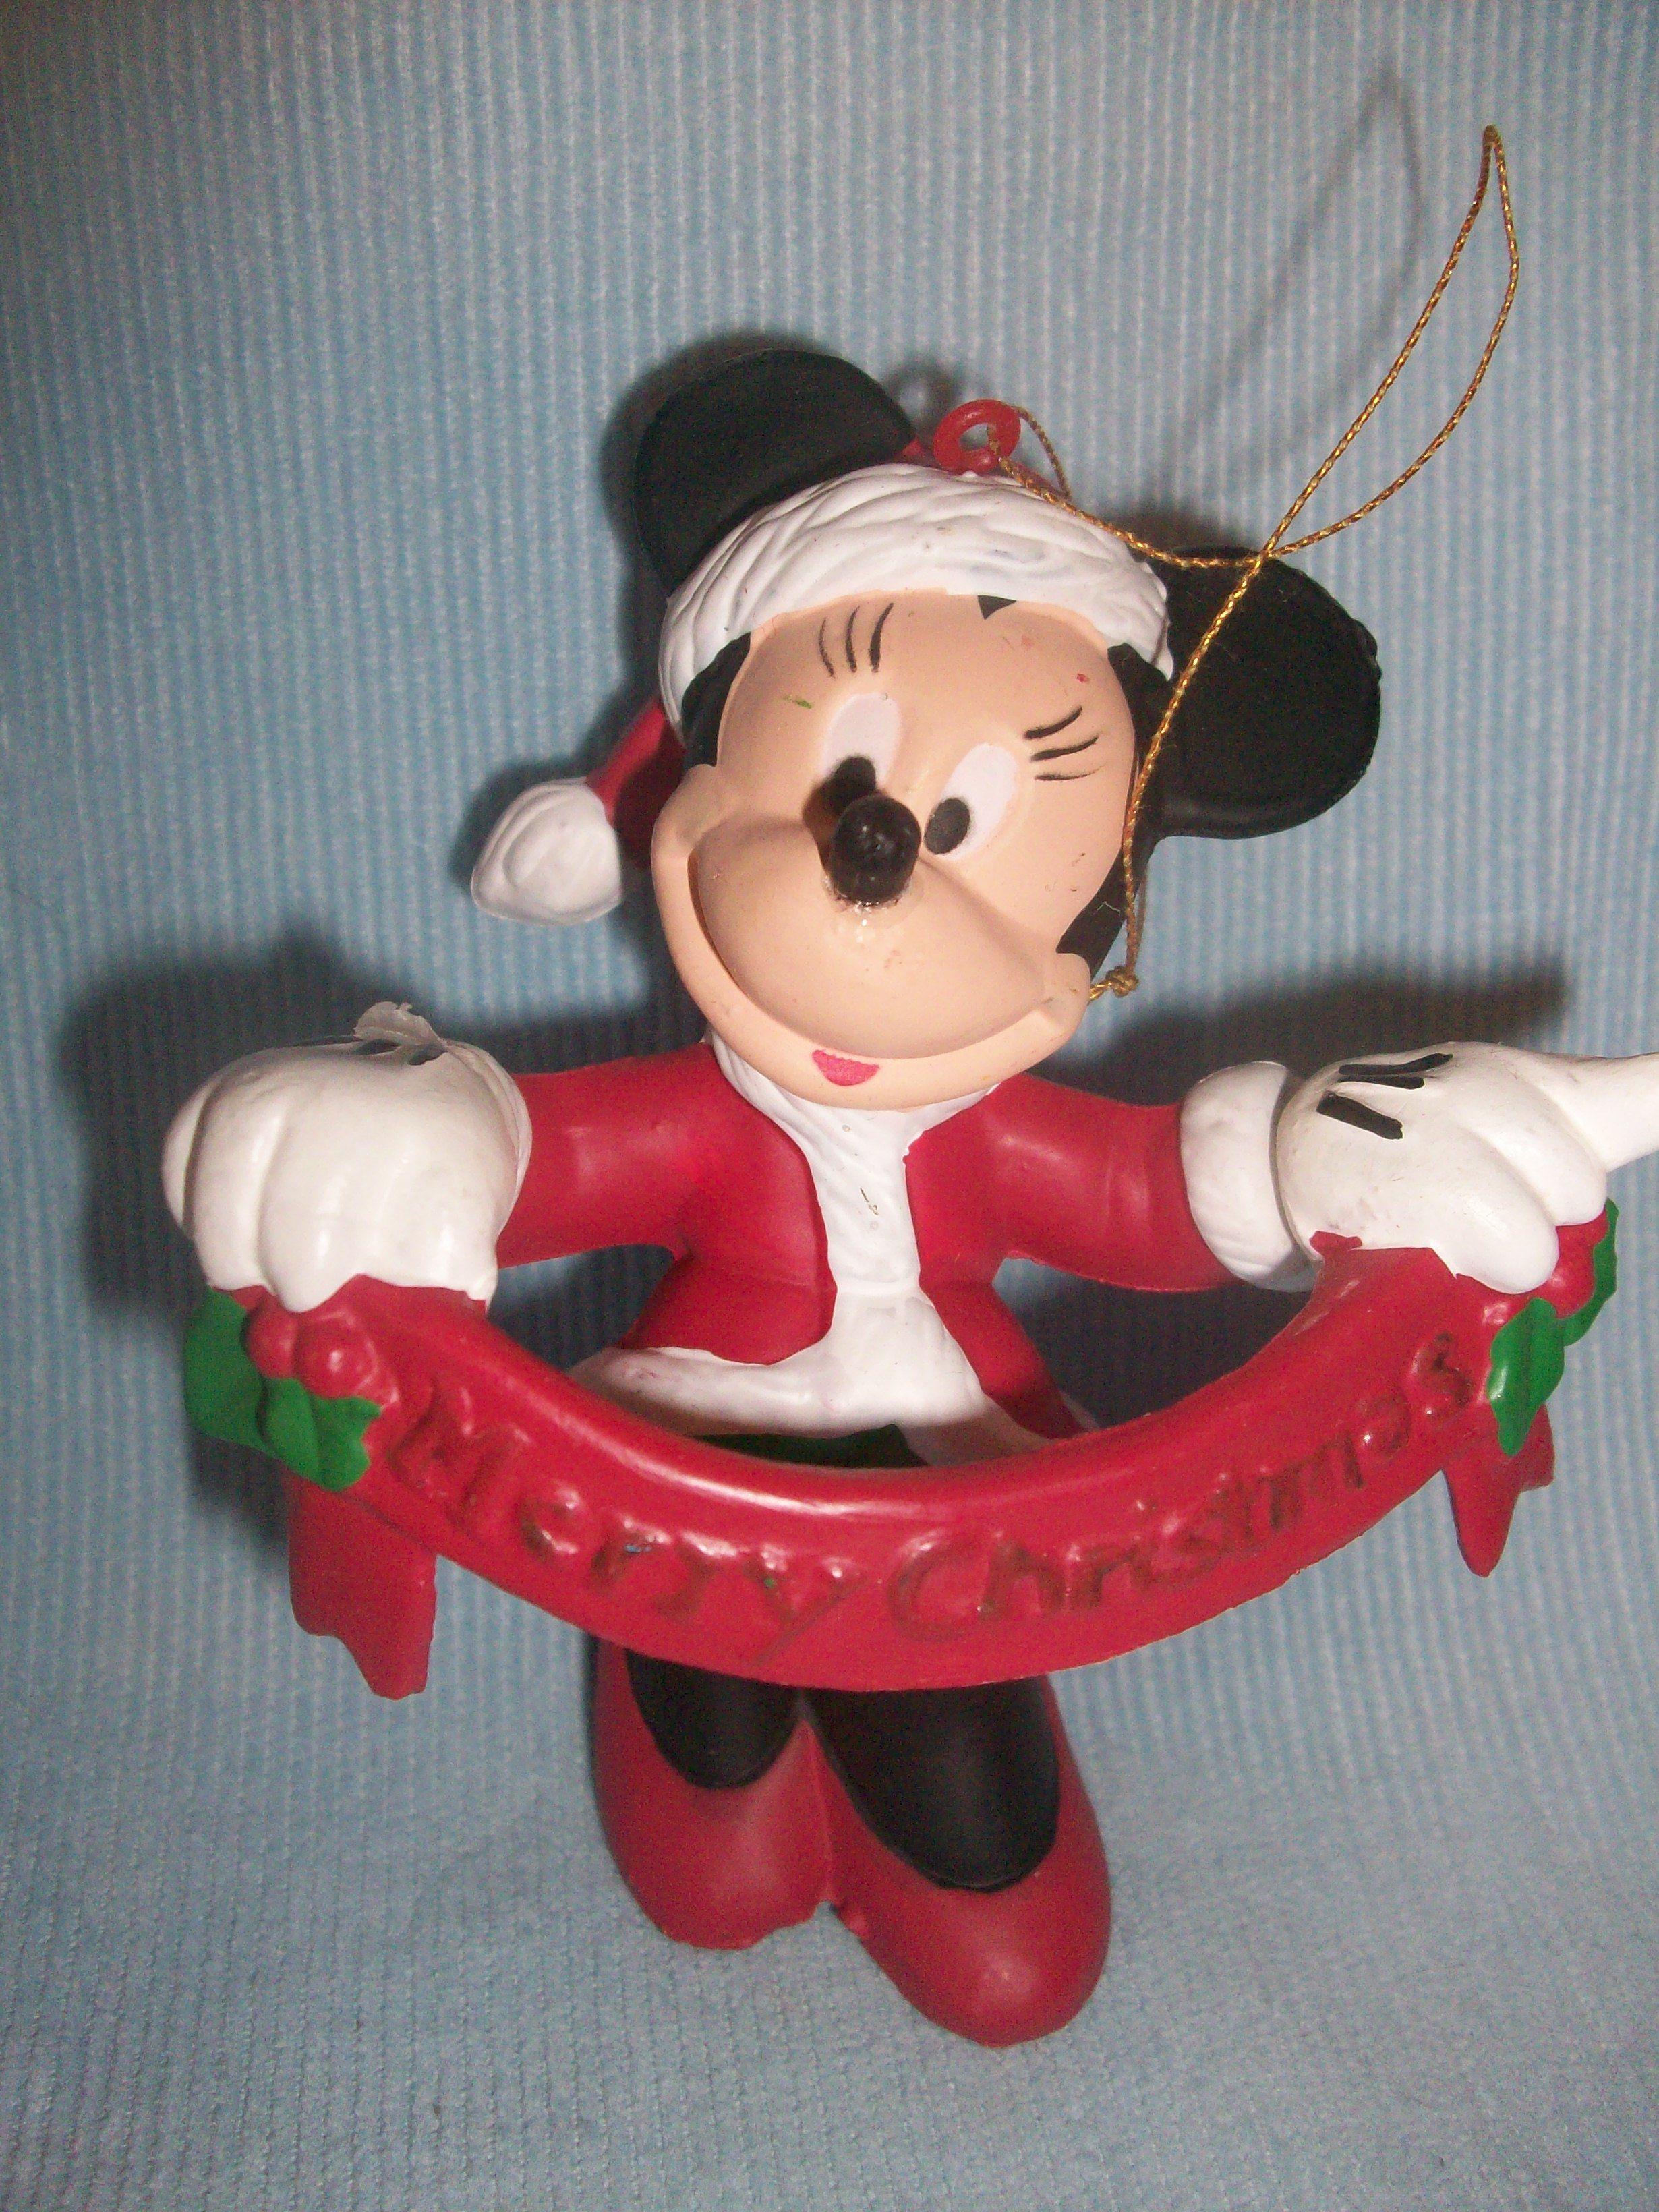 Minnie Christmas ornament